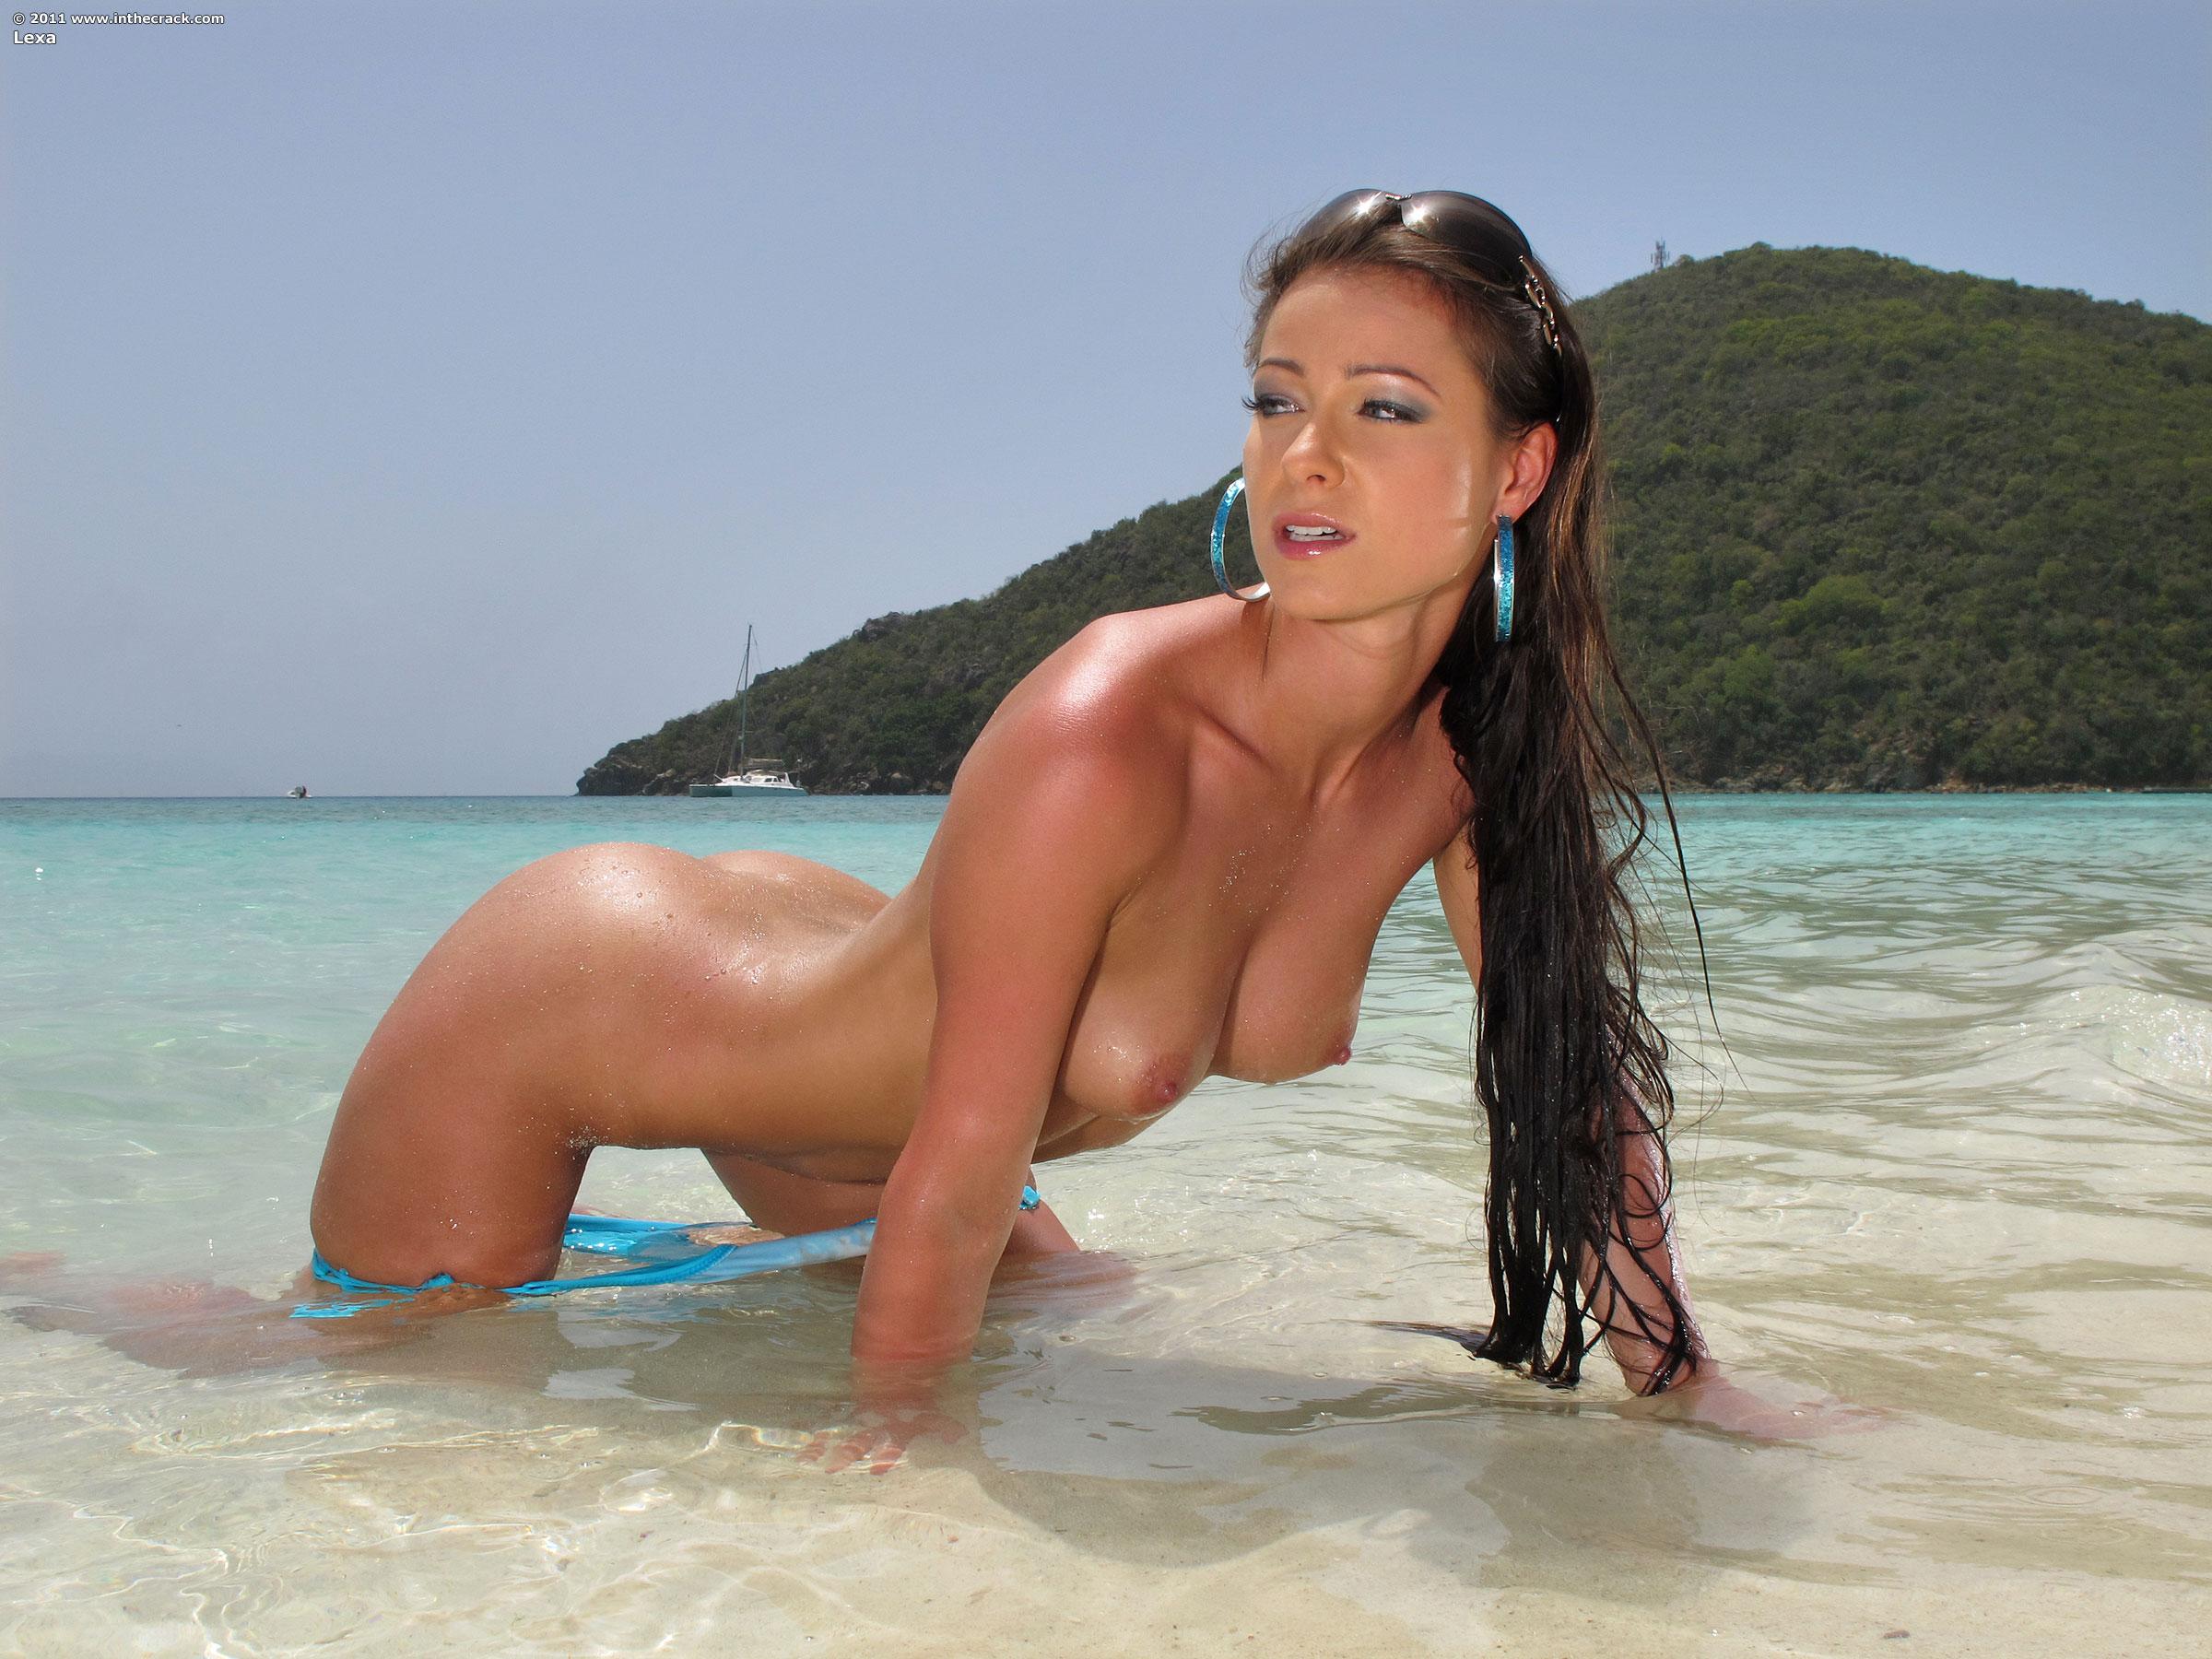 Показать фото голой девушки на пляже в голубом купальнике фото 250-975